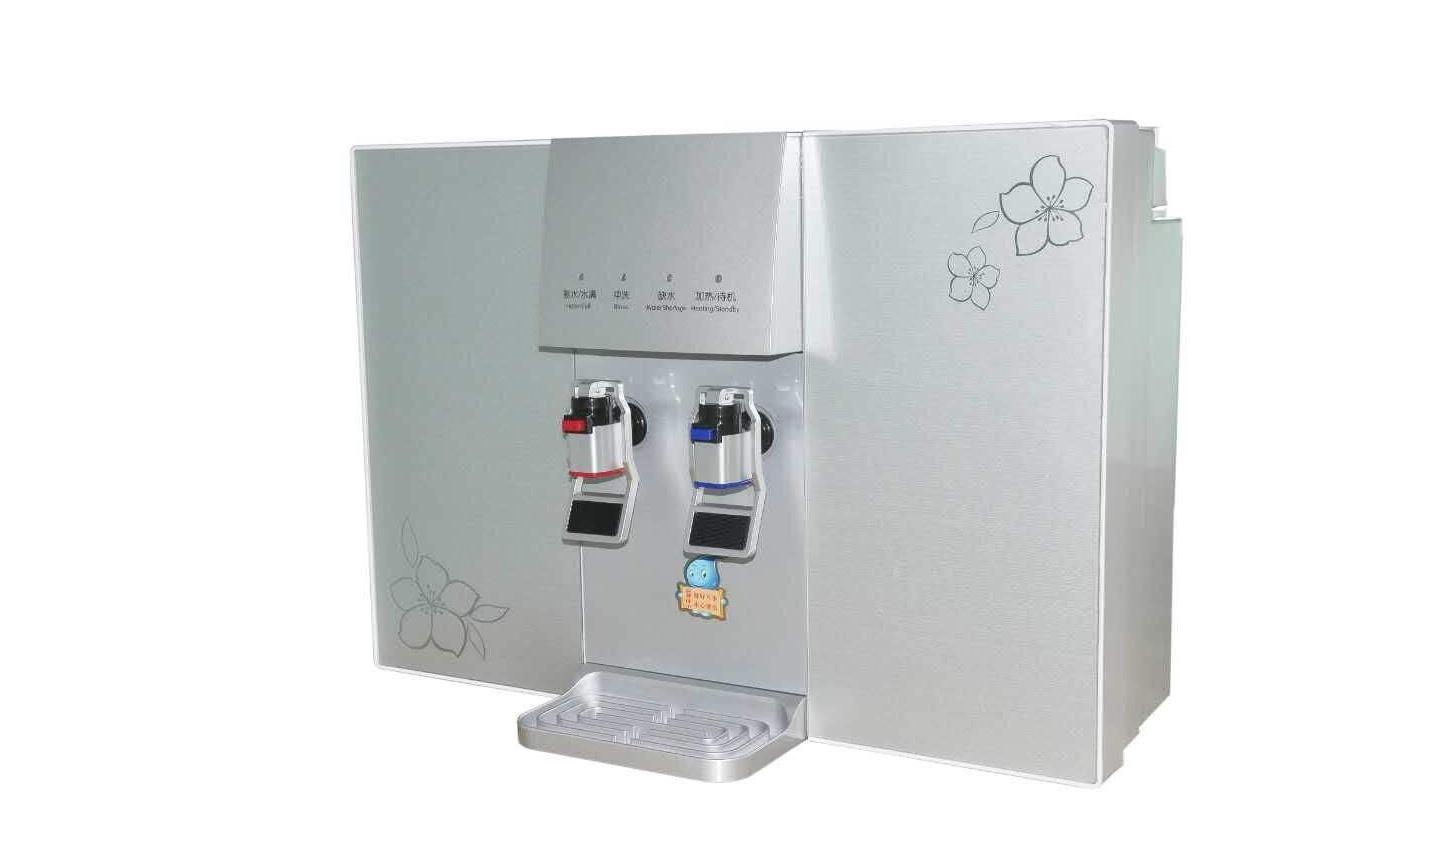 上海嘉定环境监测站环境监测常用小型设备招标公告